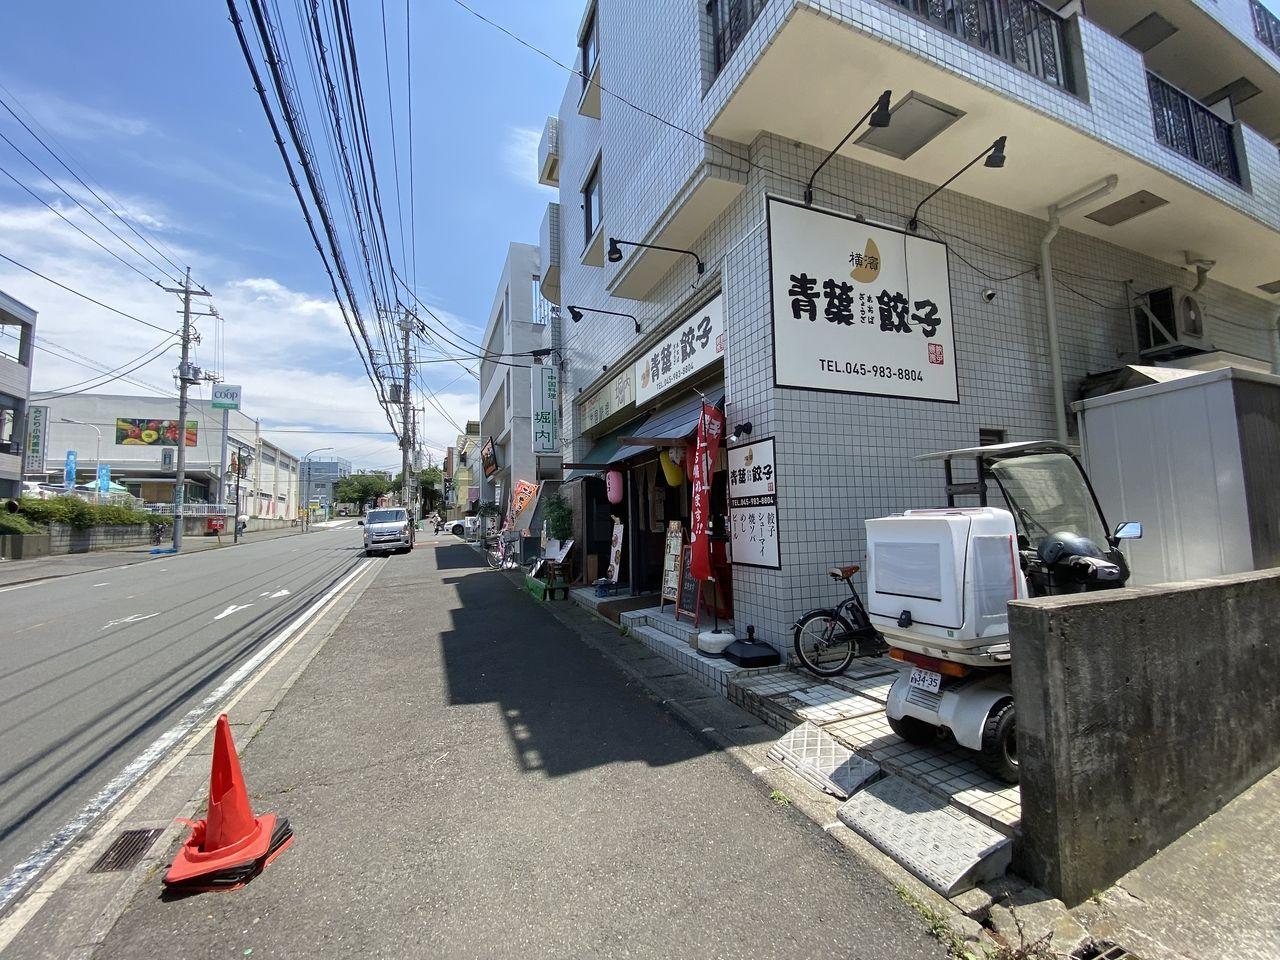 青葉餃子 045-983-8804